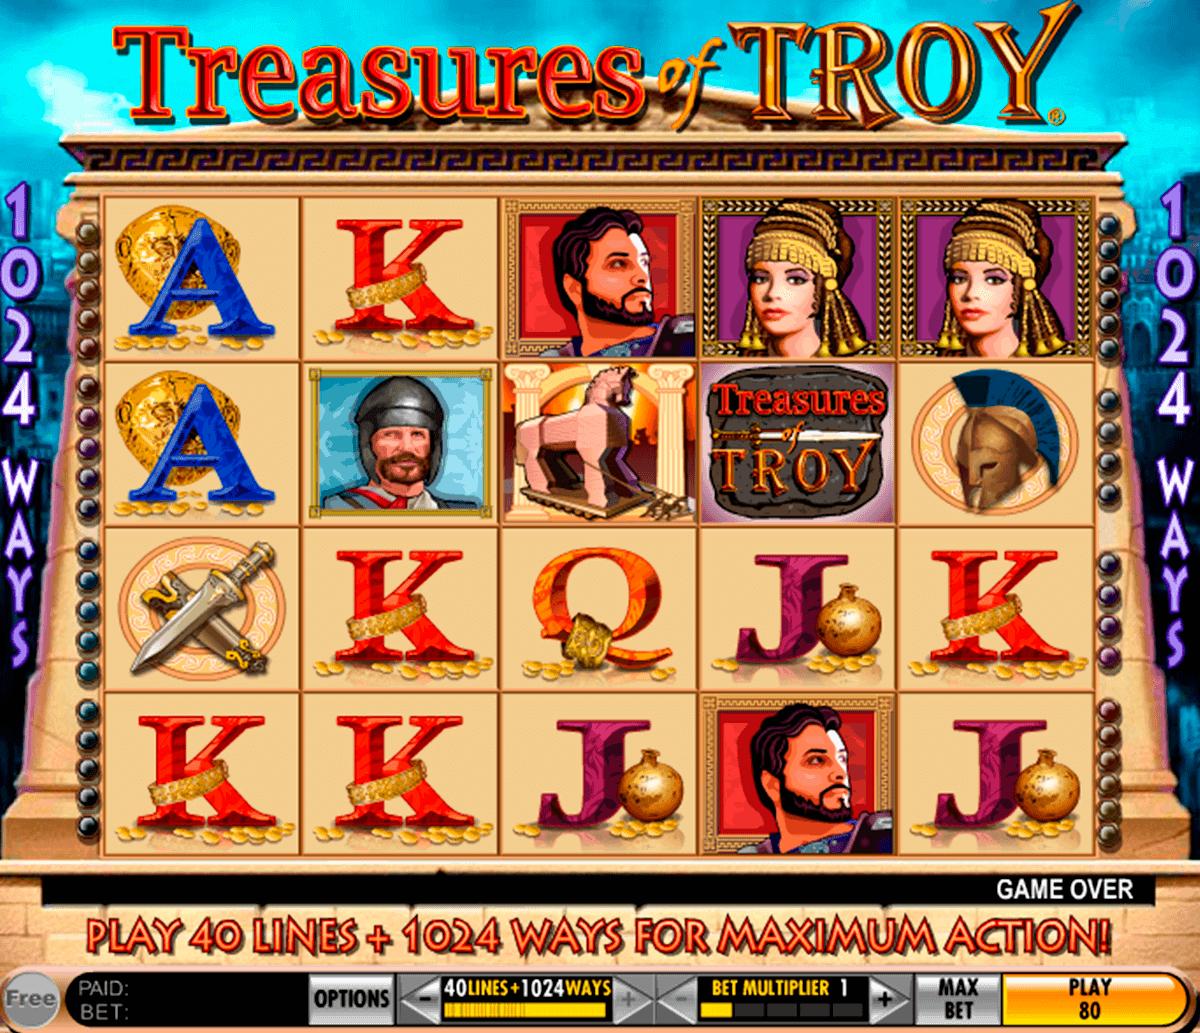 Glücksspiel Türkei Spielautomaten - 61131